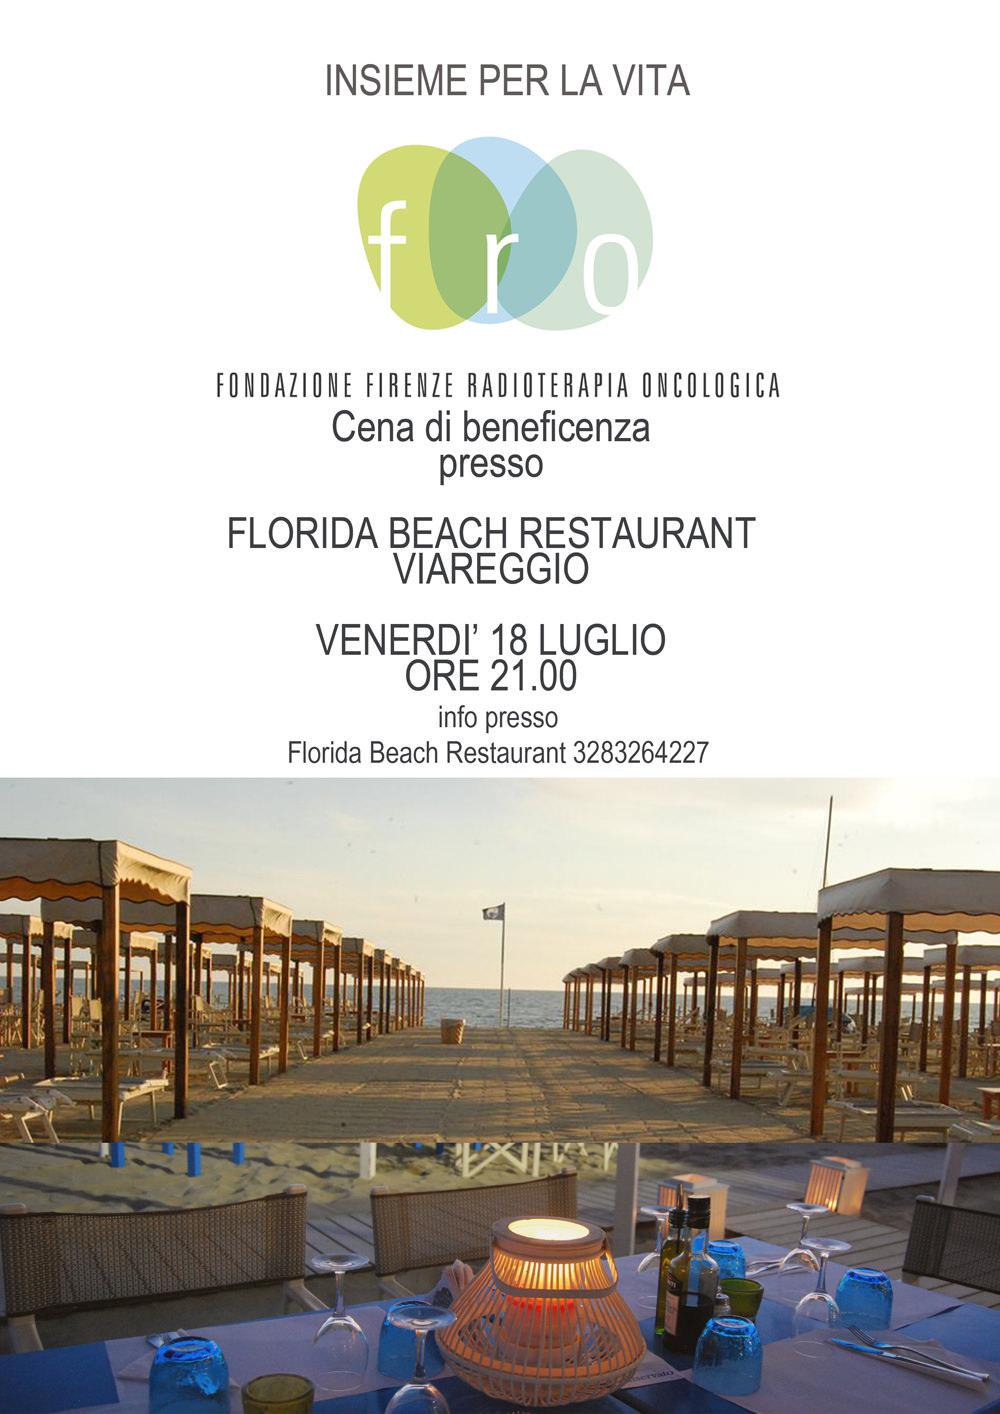 Cena di beneficenza al florida beach a favore della fro - Radioterapia a bagno ...